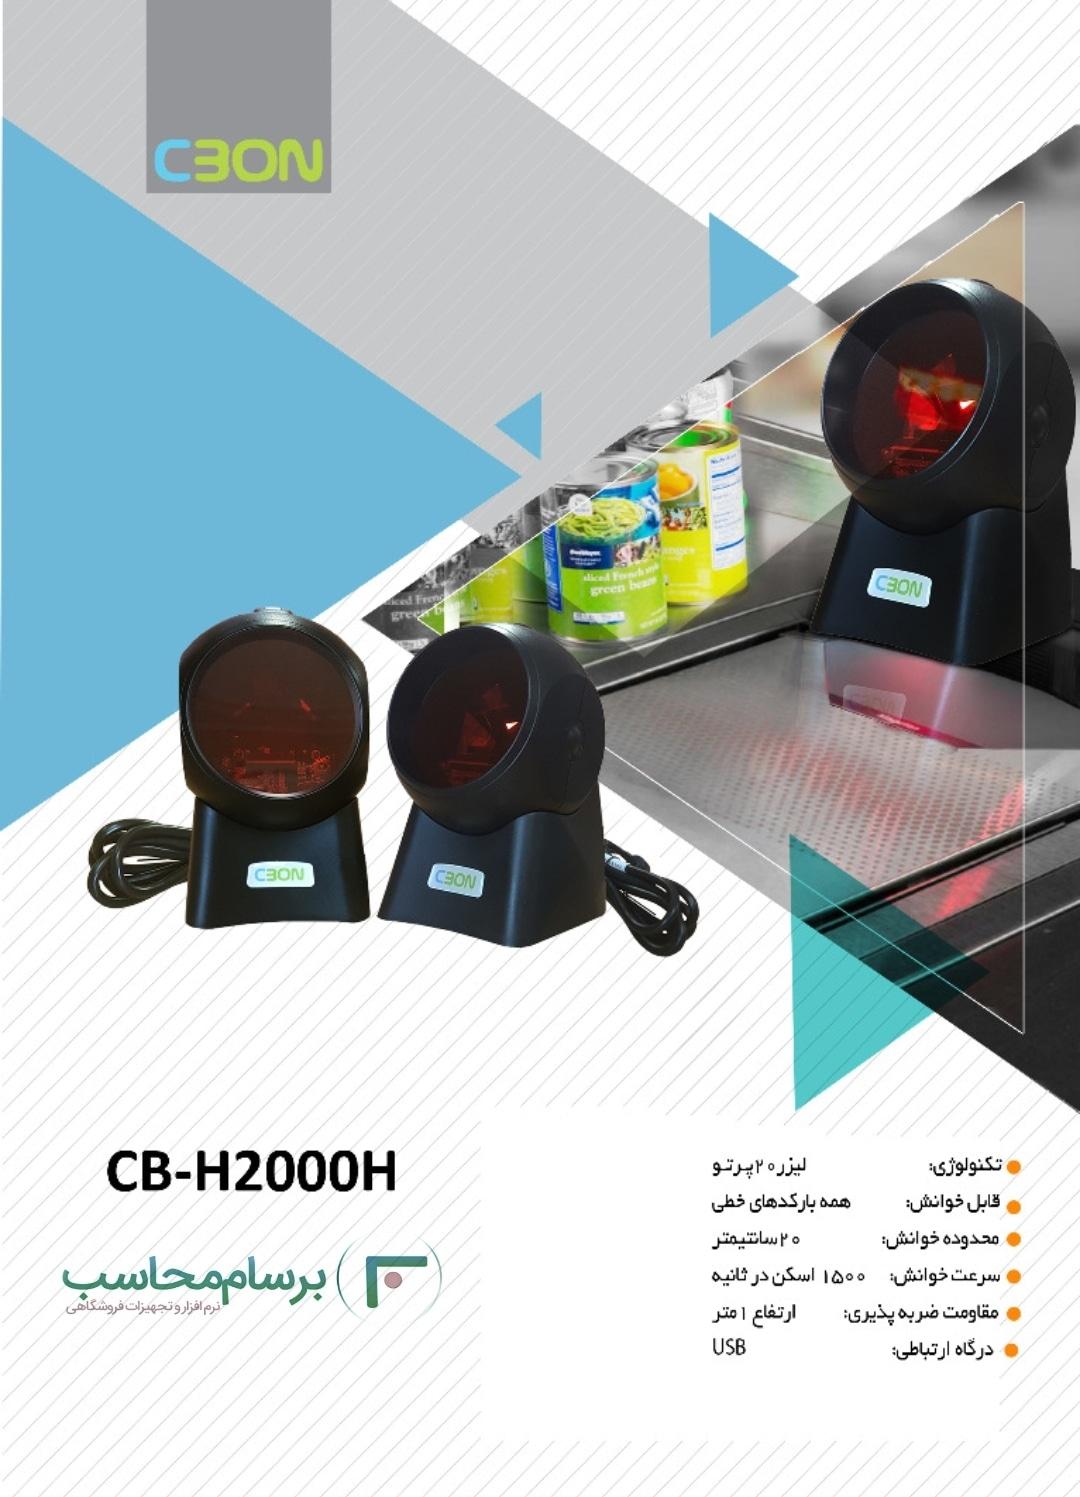 بارکد خوان سی بن مدل CB-H2000H